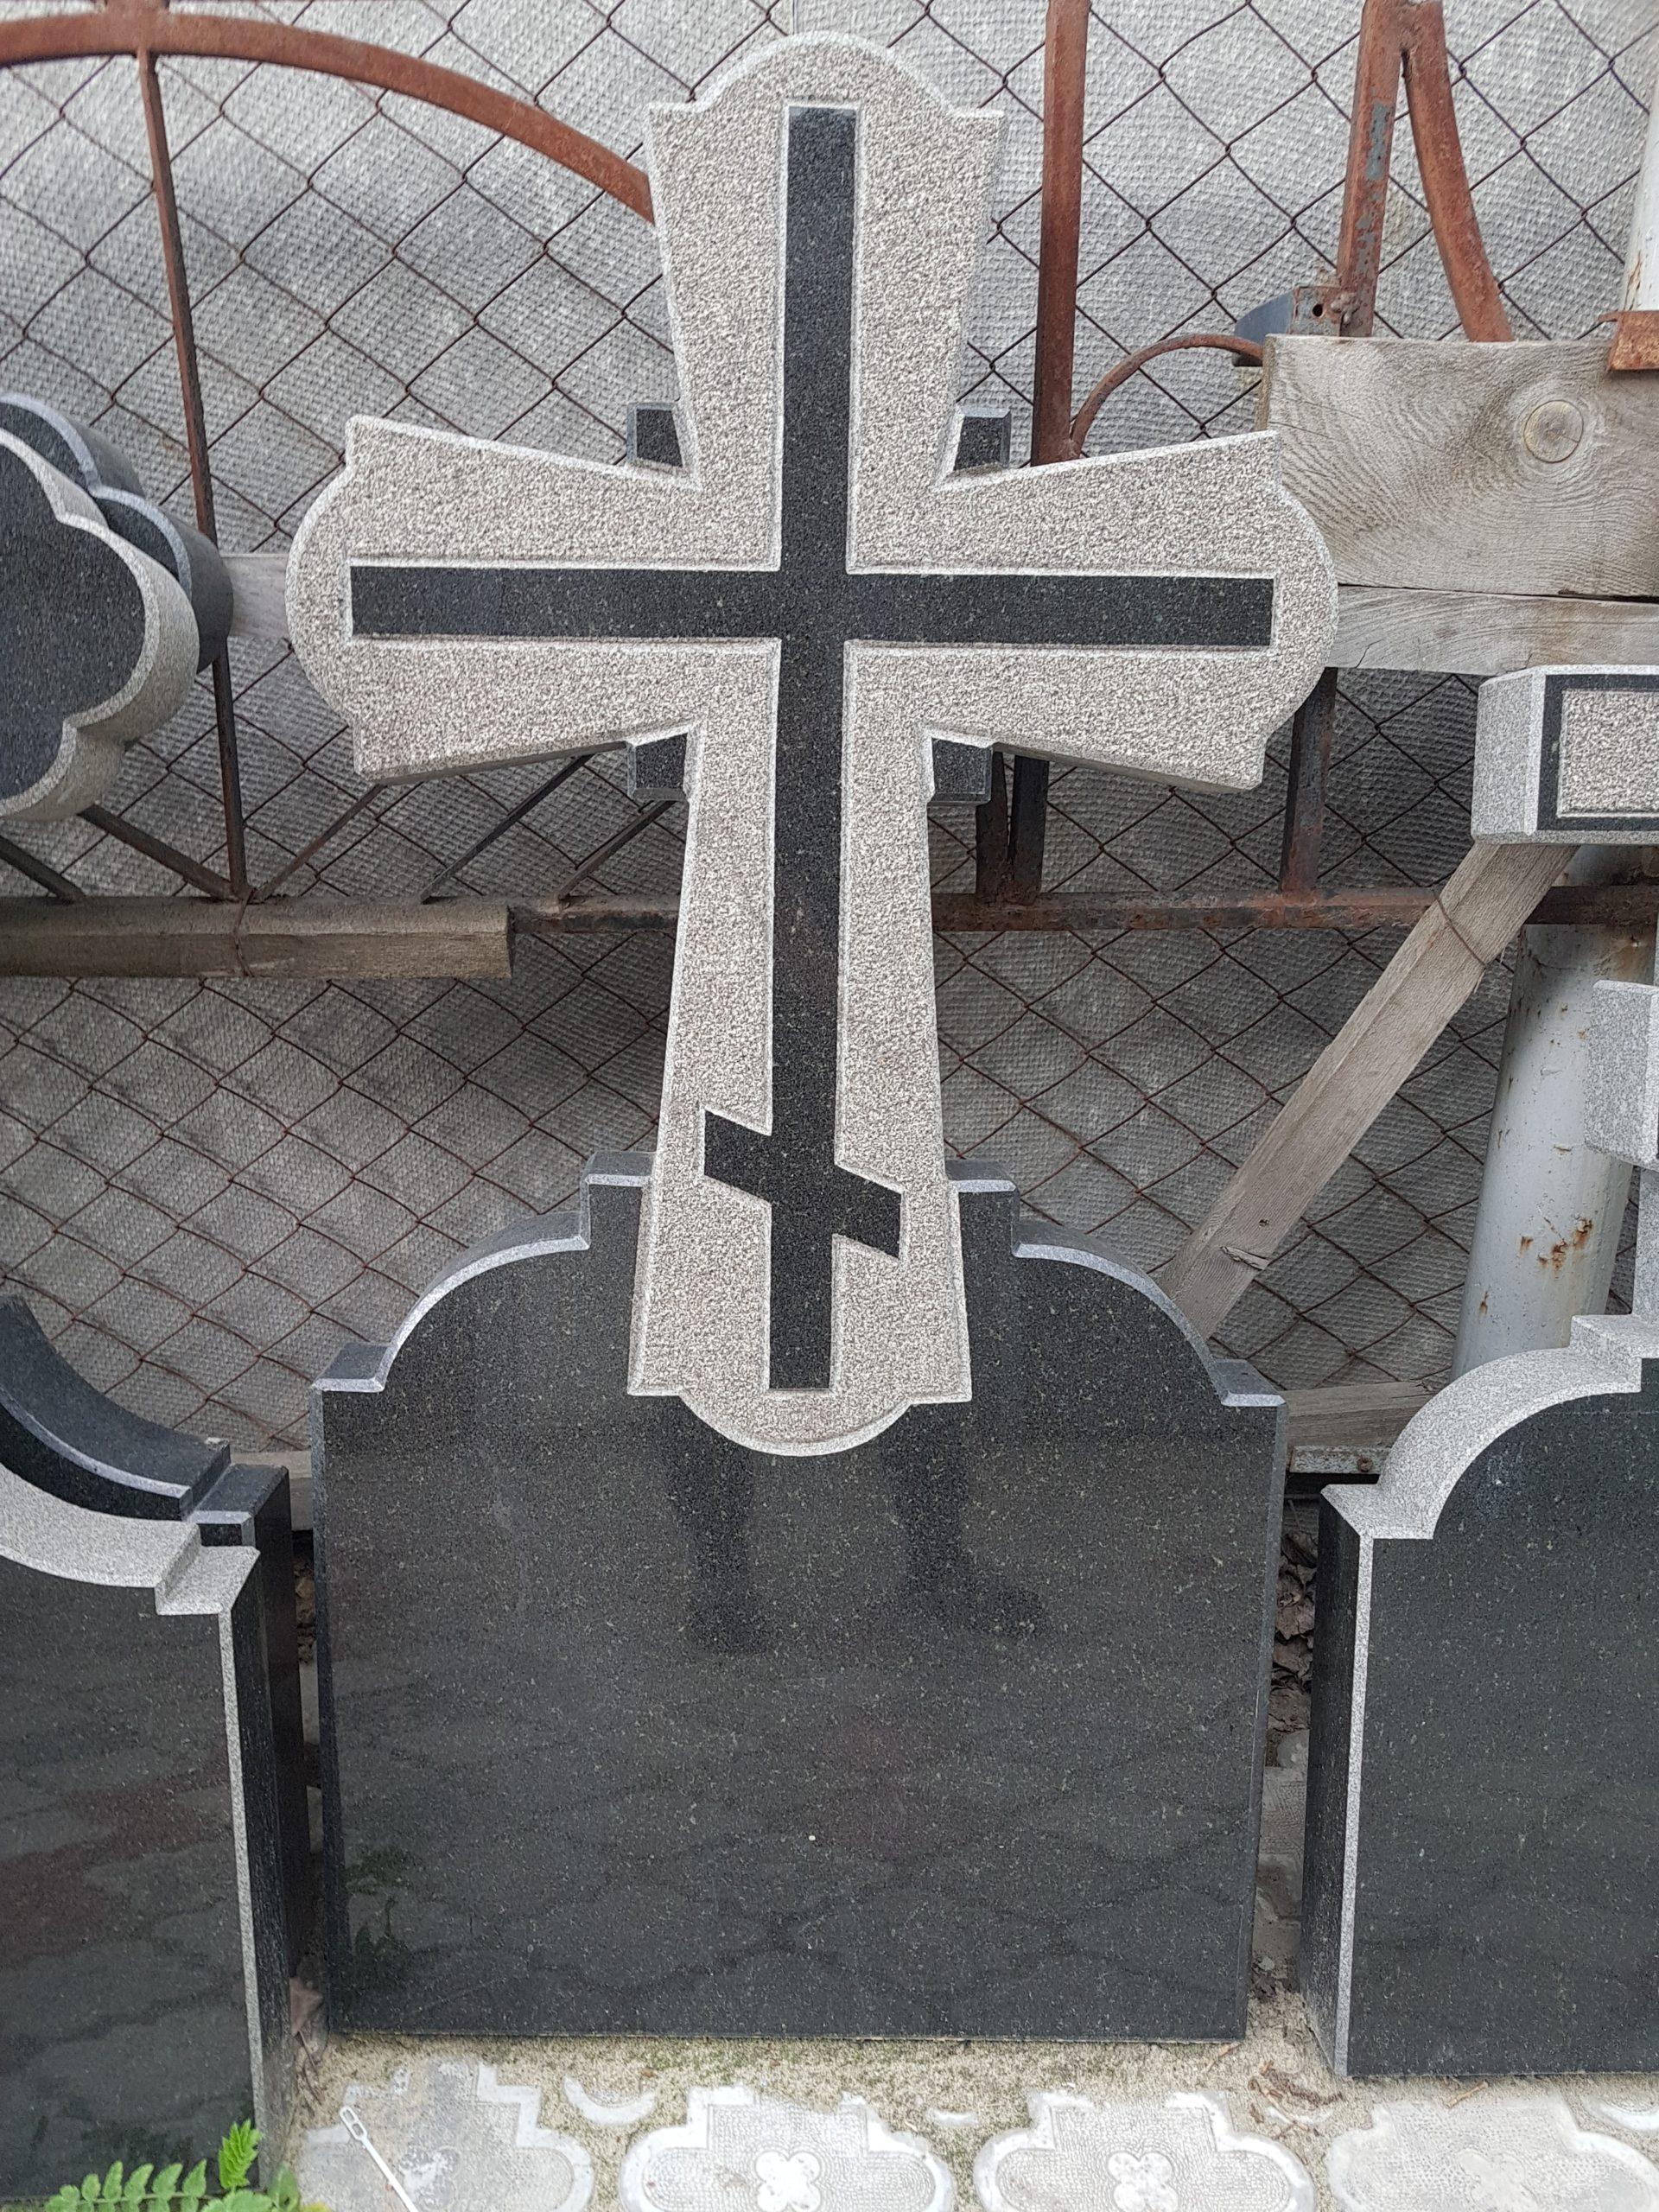 Недорогие памятники кресты в иркутске фото выражения